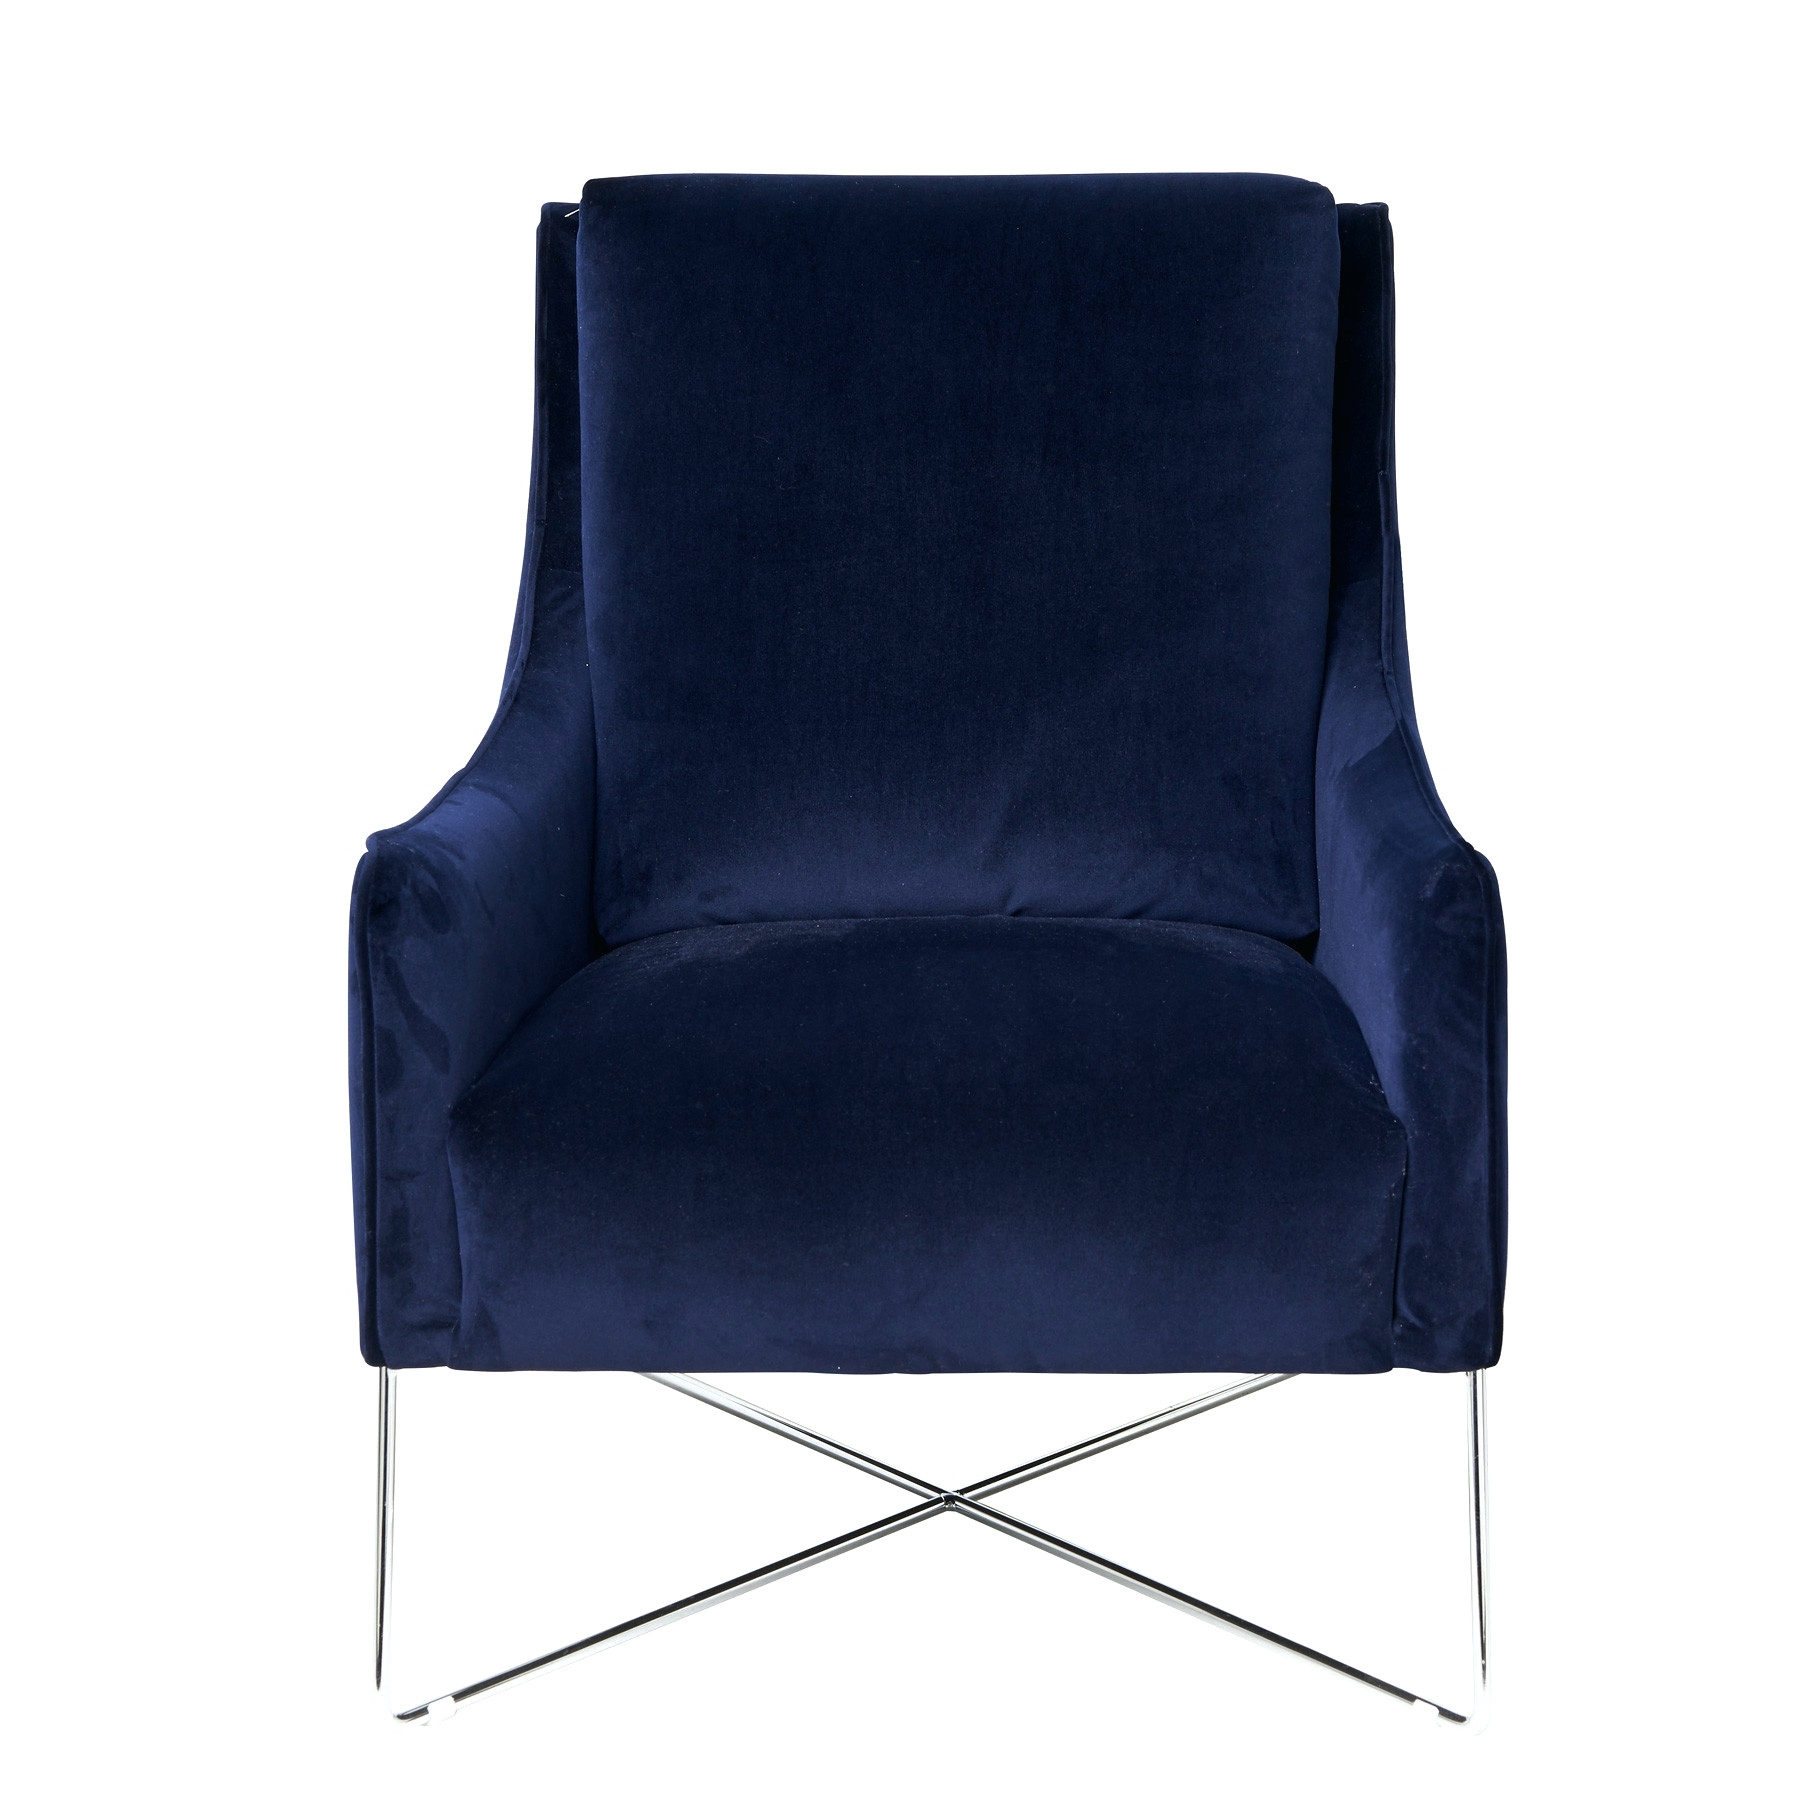 Natuzzi Editions Rodolfo Armchair Natuzzi Zeta Chaise Lounge In Fashionable Natuzzi Zeta Chaise Lounge Chairs (View 7 of 15)